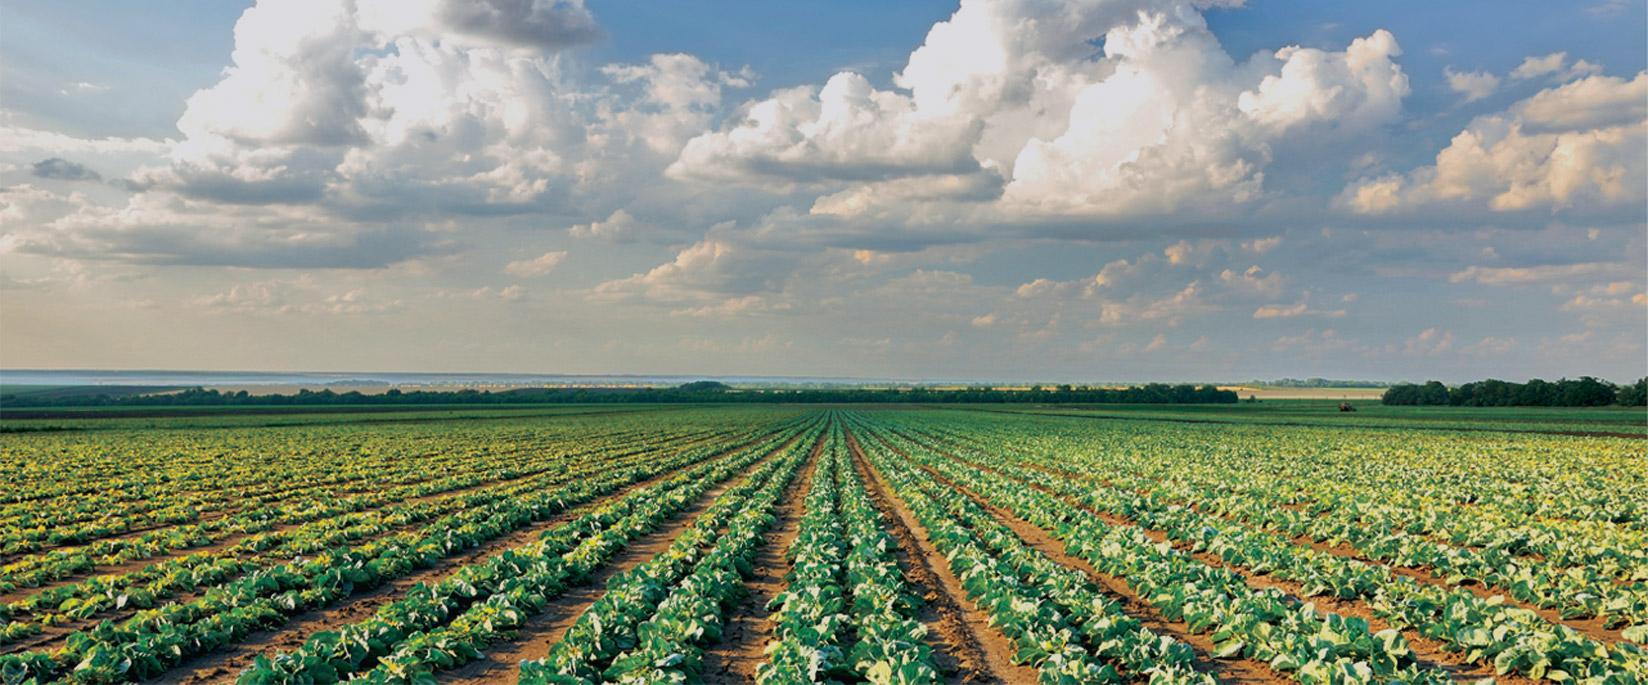 Fields of crops